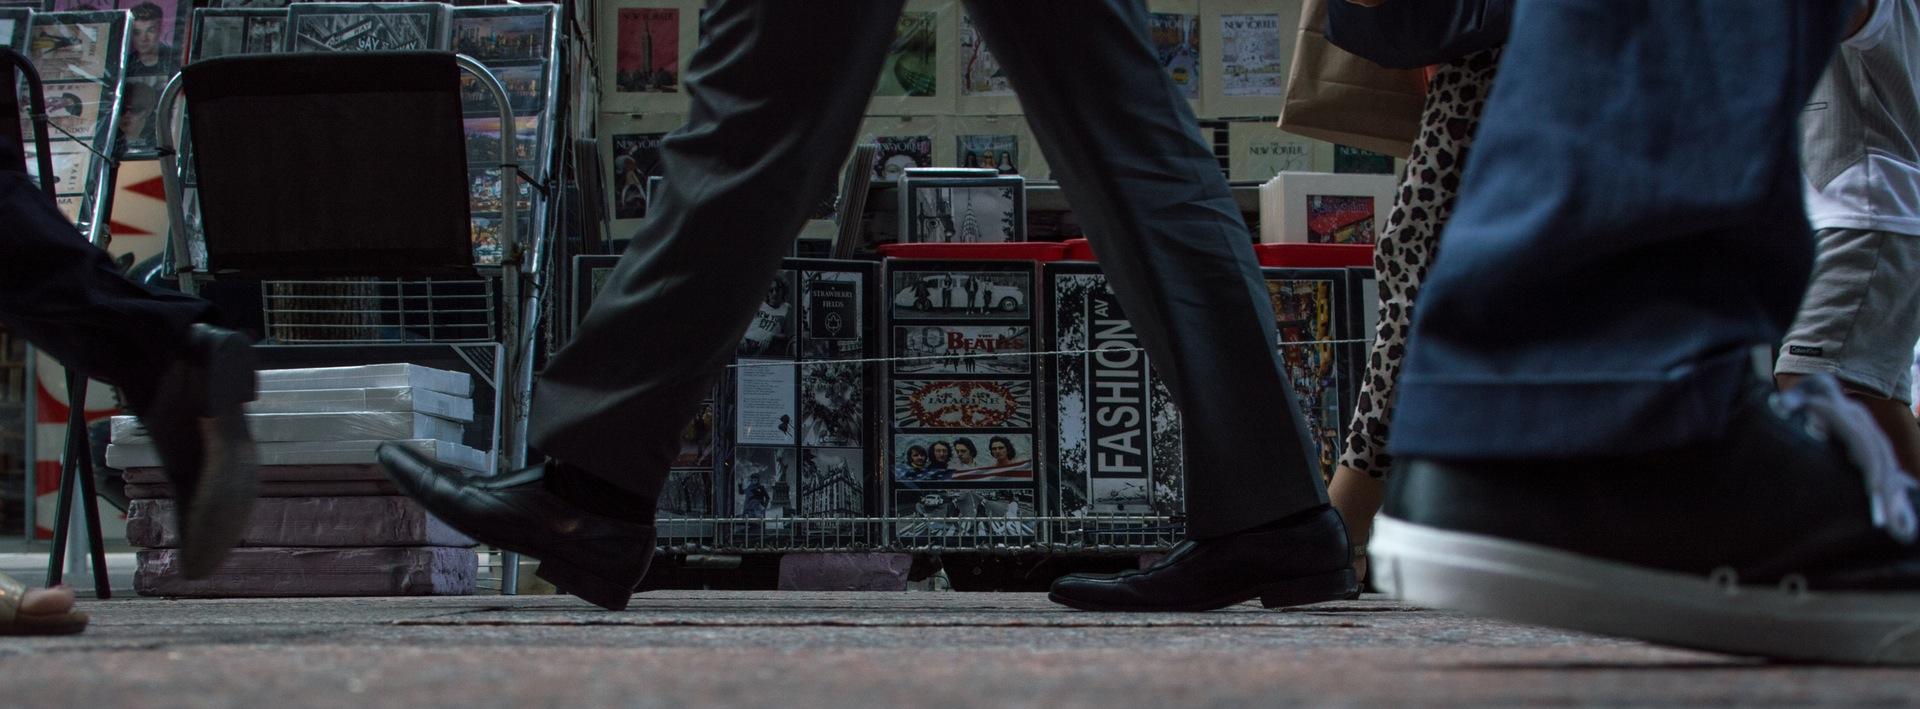 セット, 人, フィート, 足, ストリート, 靴, ビジネス - HD の壁紙 - 教授-falken.com